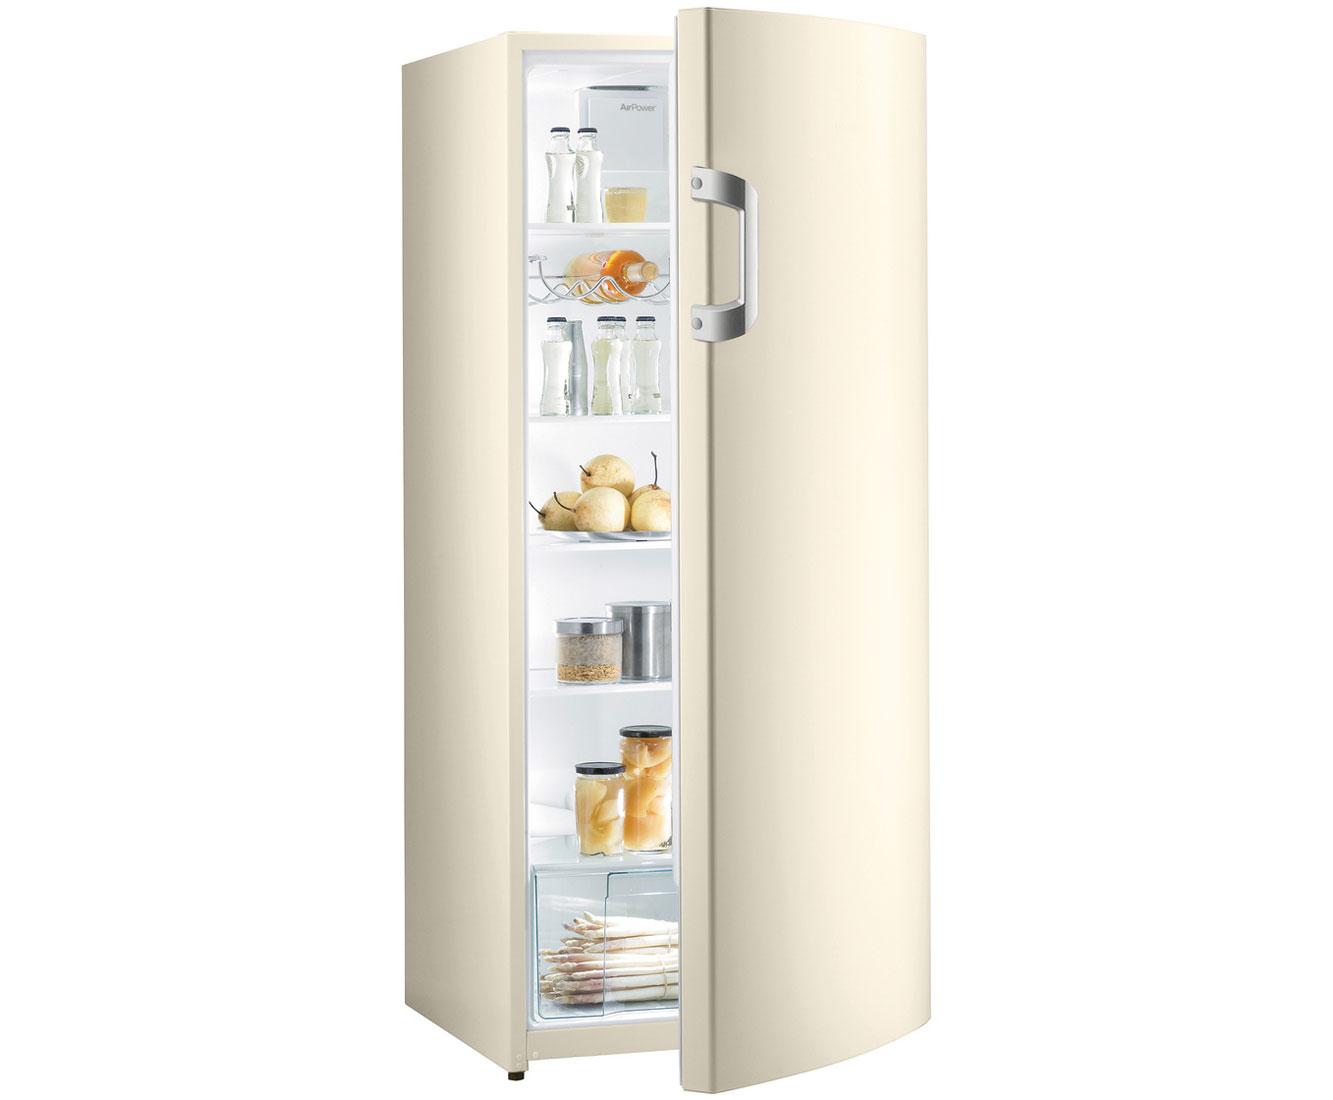 Gorenje Kühlschrank Haltbarkeit : Gorenje r bc kühlschrank champagner a